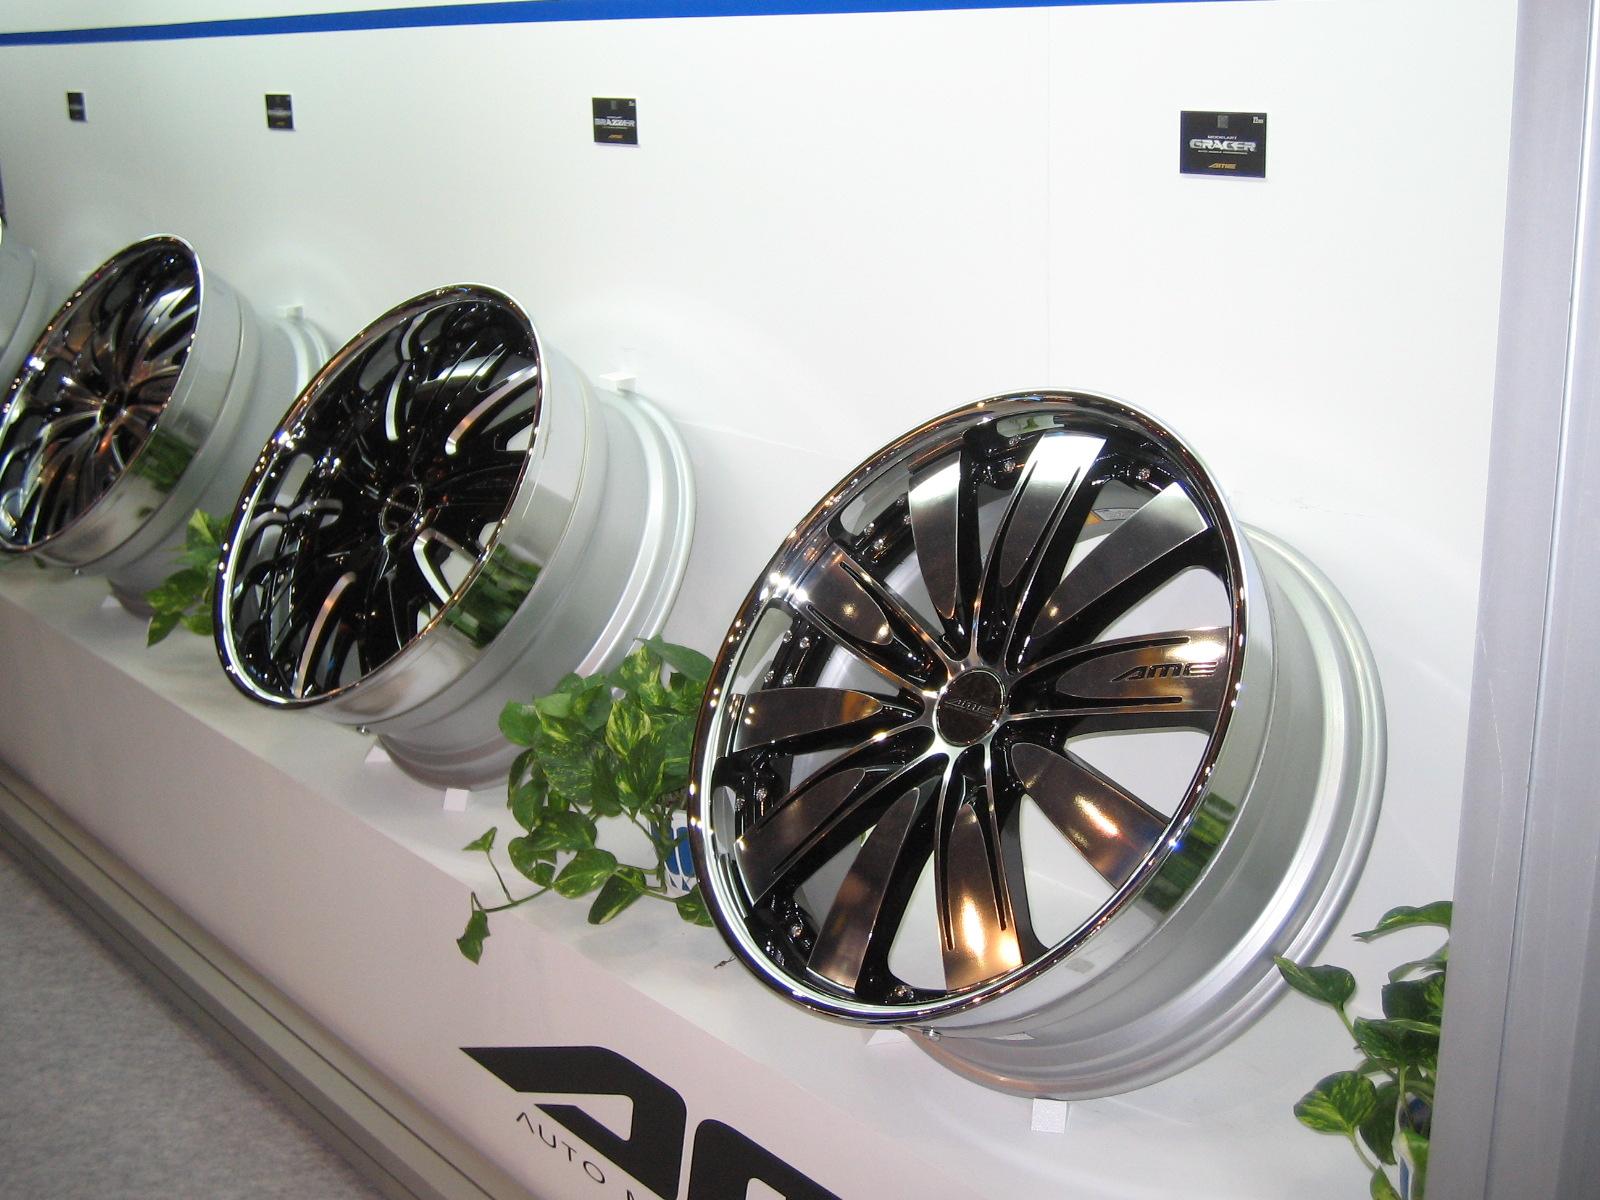 一目見れば虜になる輝き【AMEモデラート グレーサー】 - AME Wheels, modelart gracer